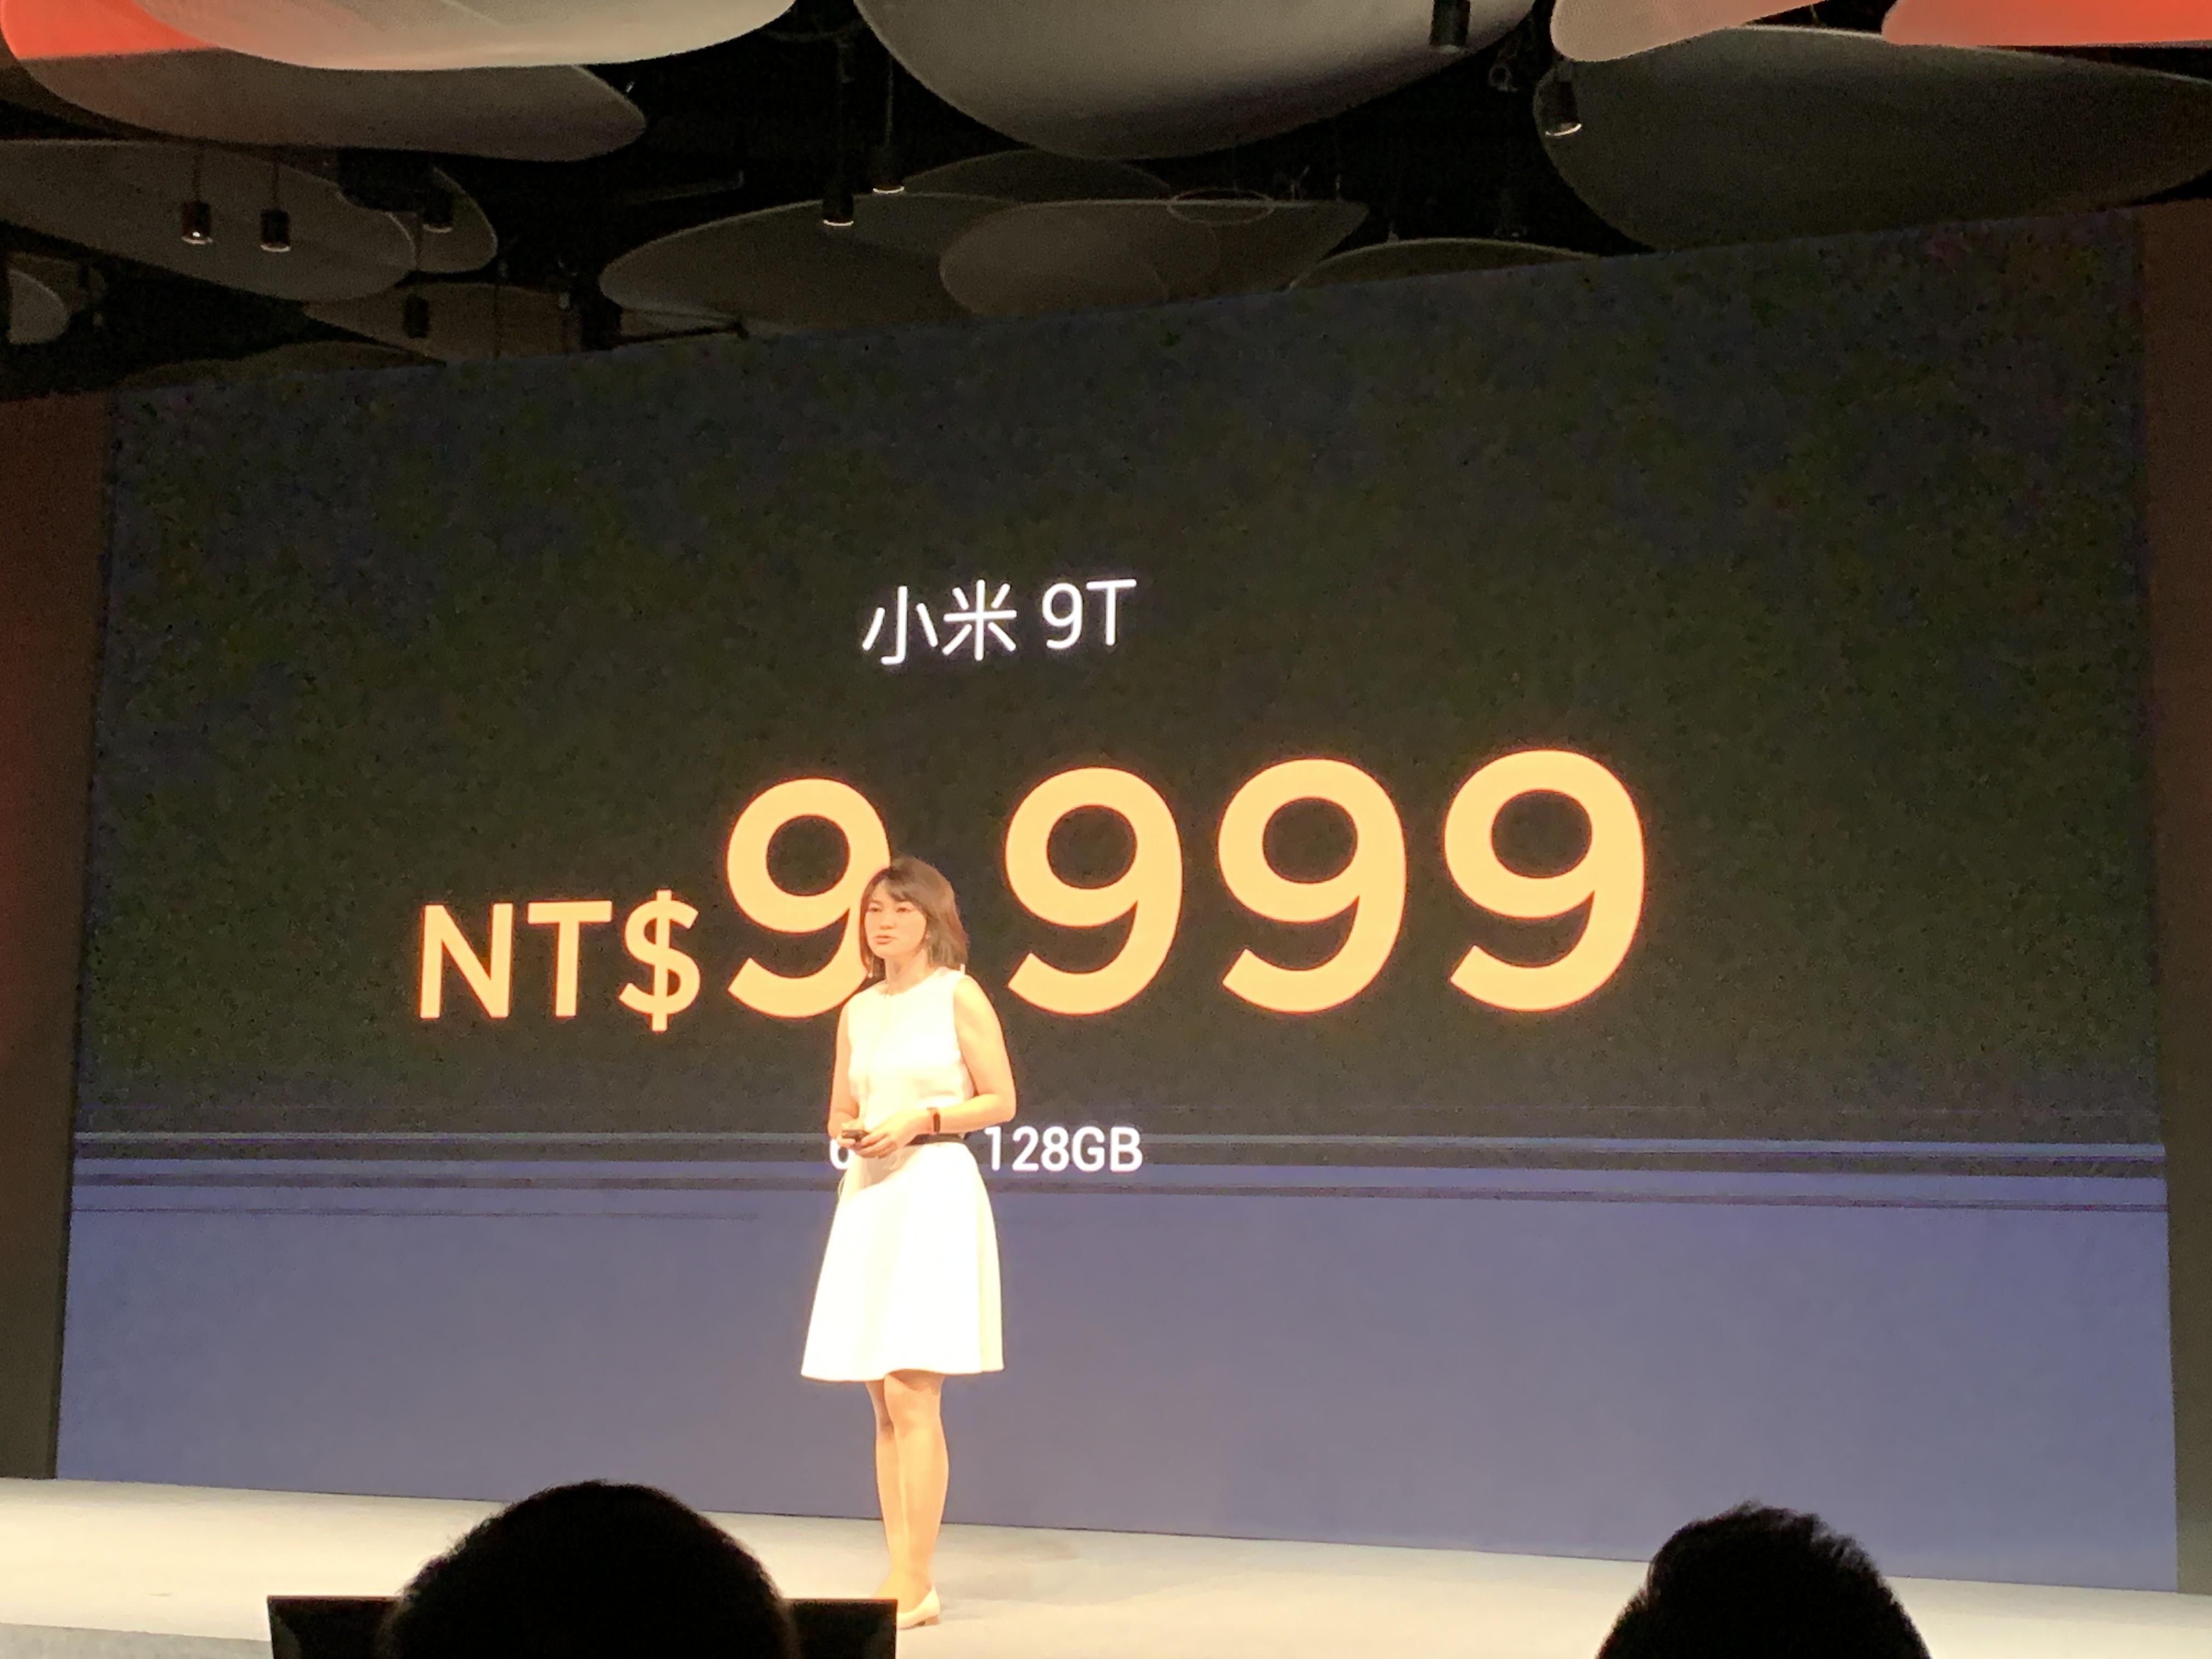 小米9T 售價新台幣9999元